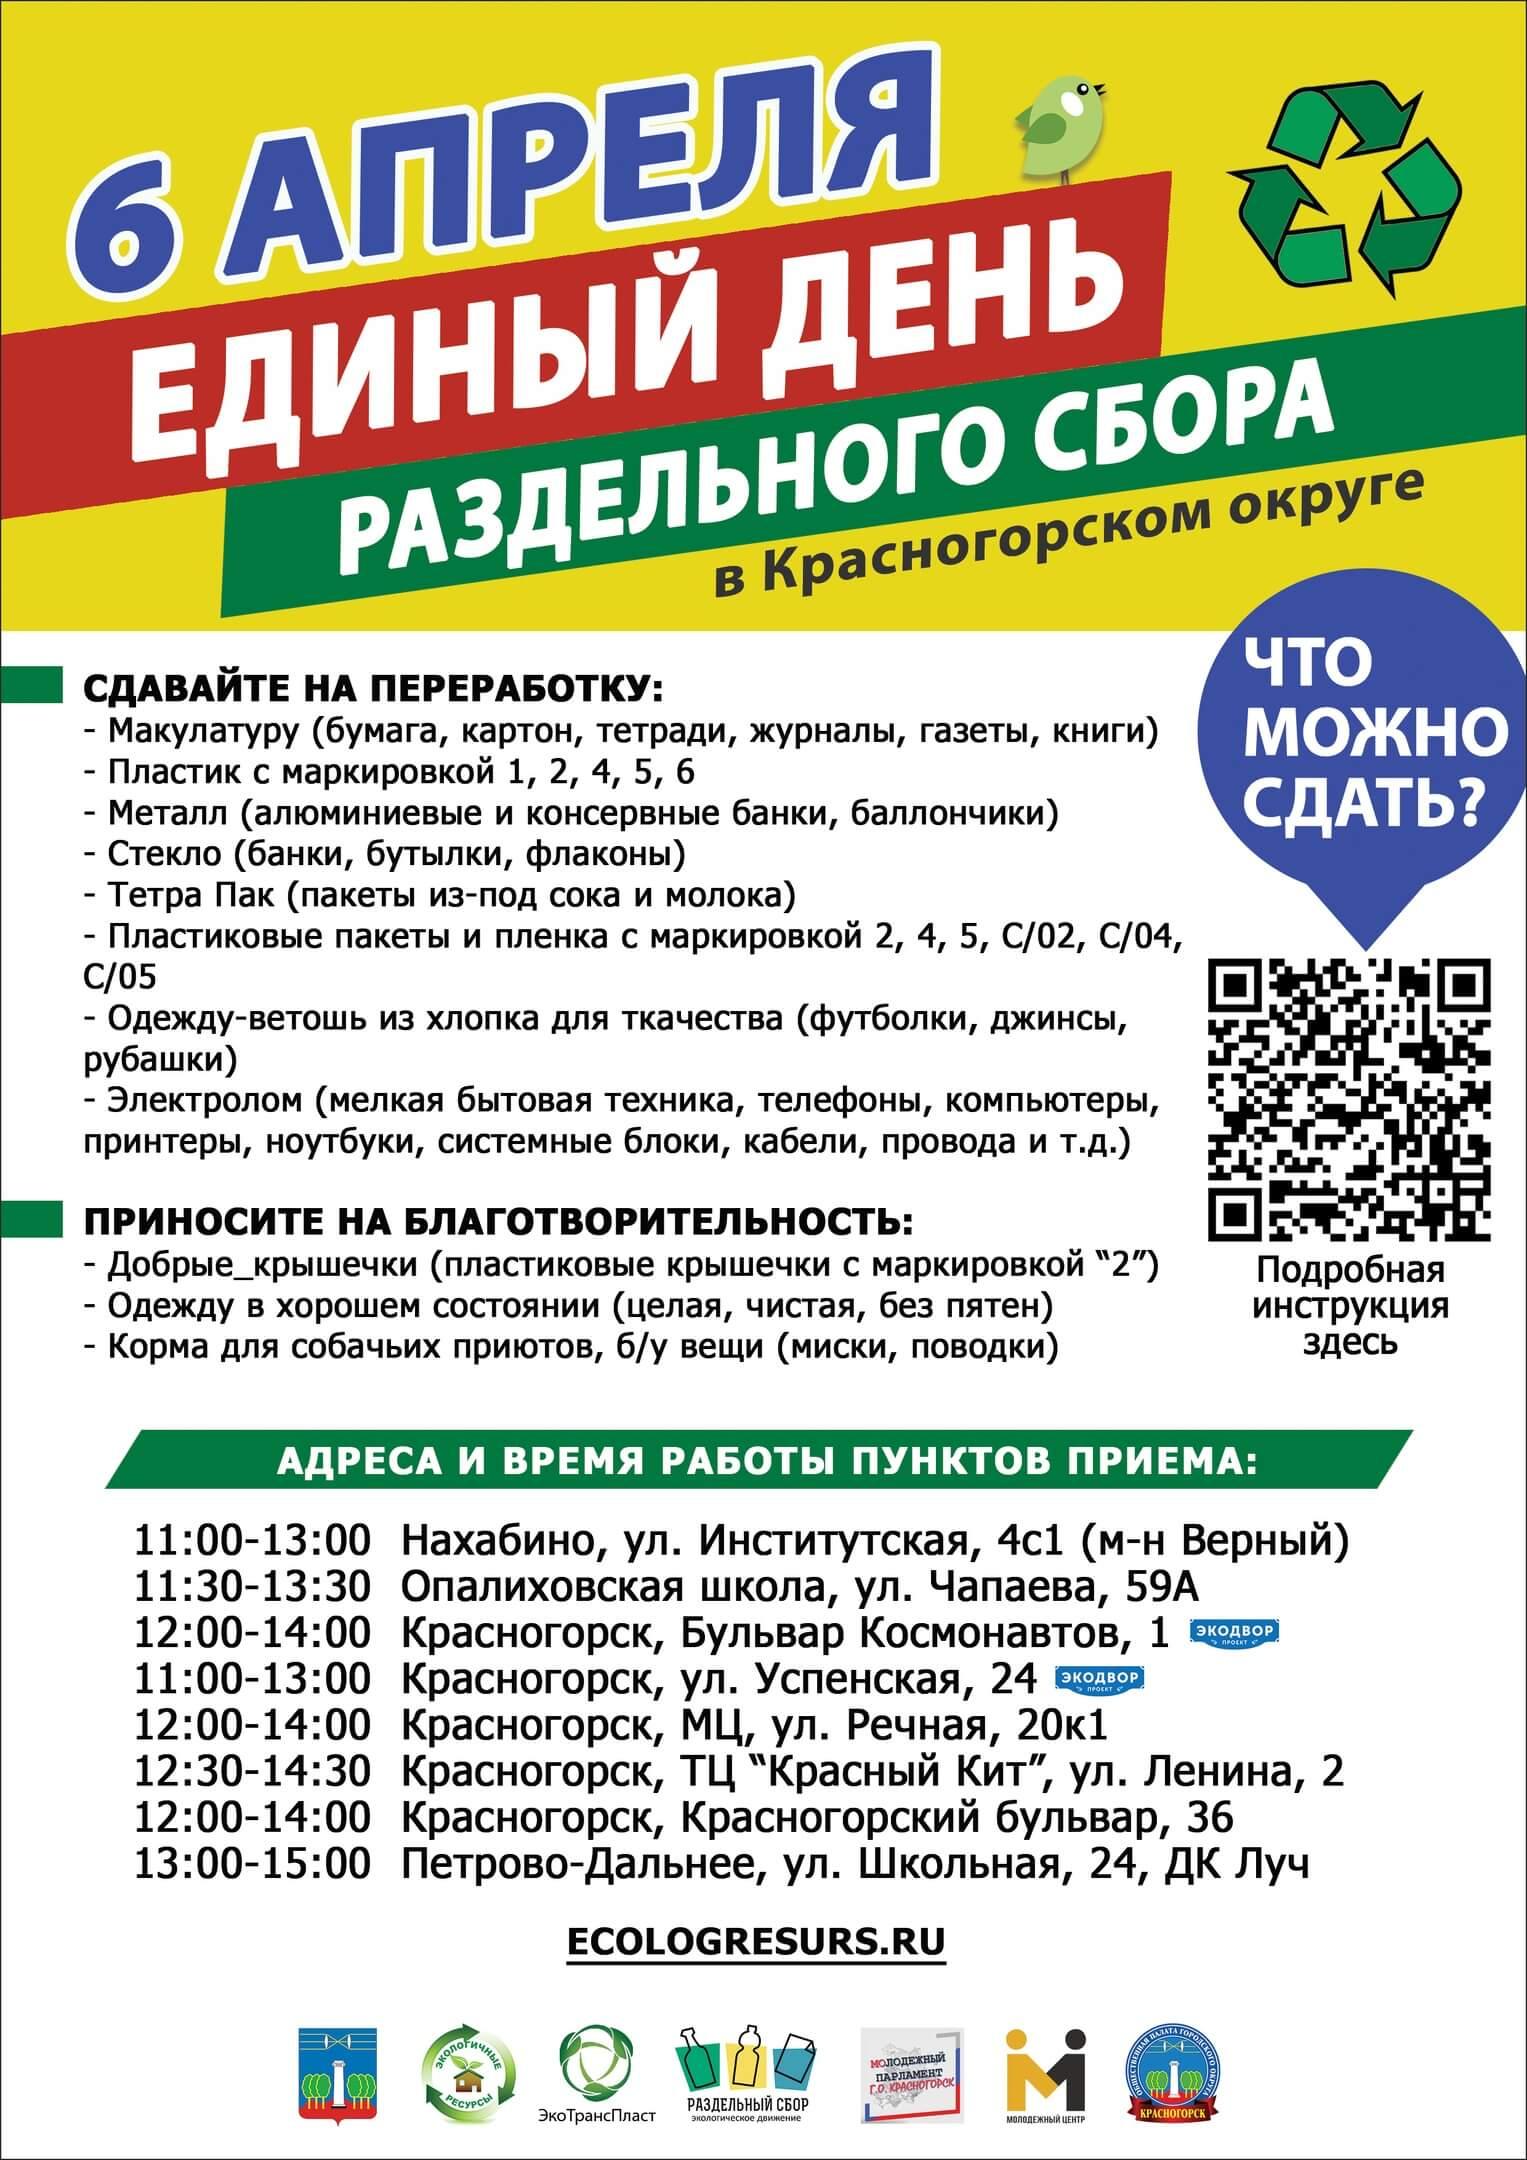 6 апреля в Павшинской пойме состоится масштабная акция «Единый день раздельного сбора»